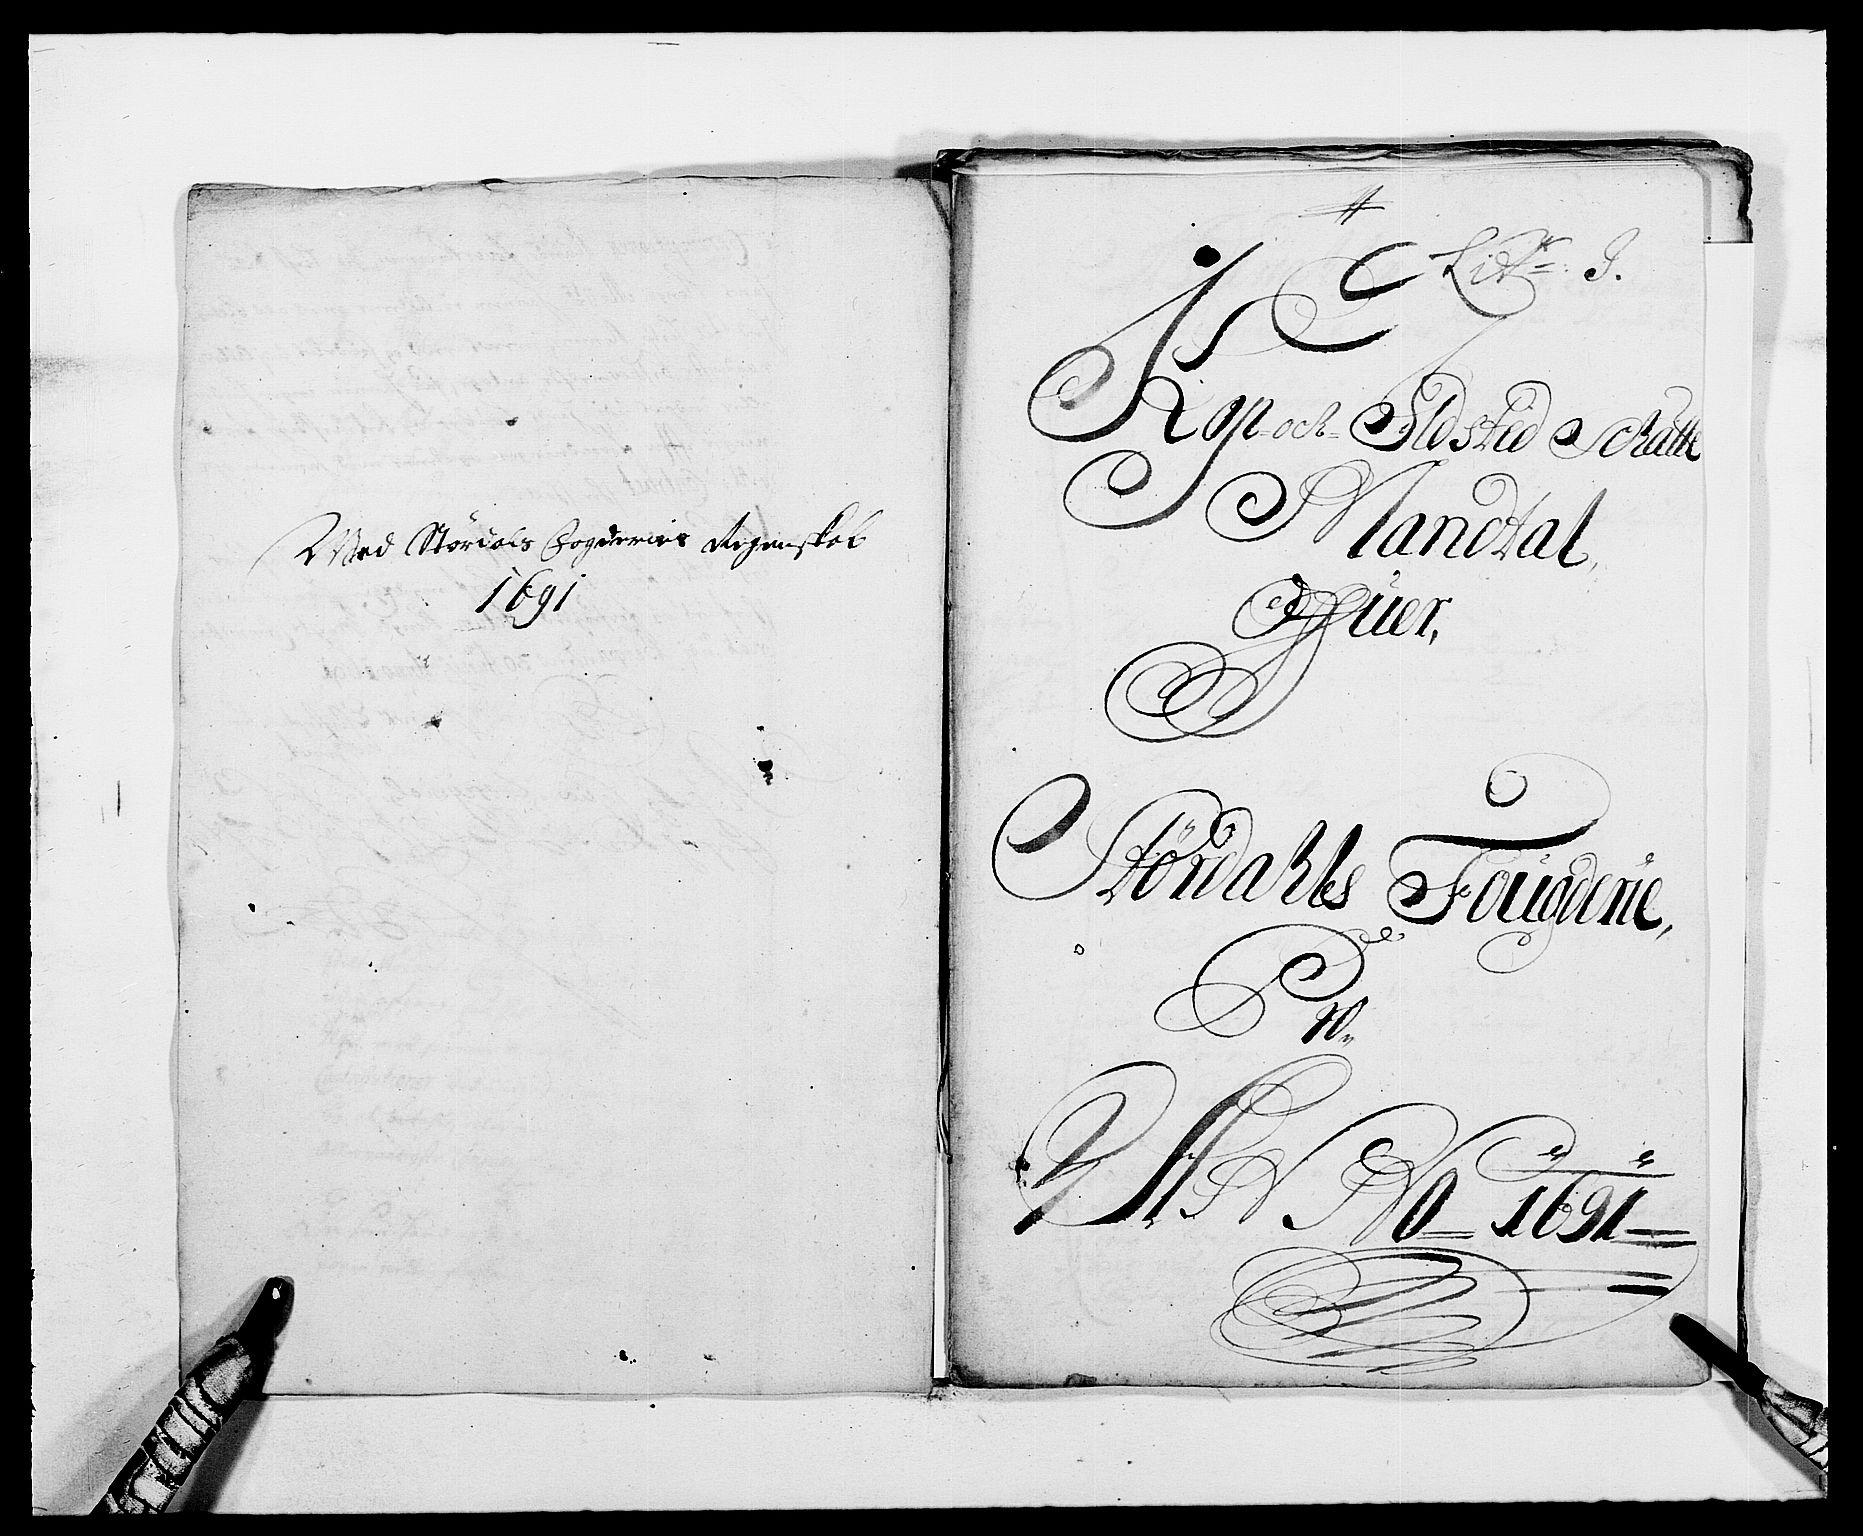 RA, Rentekammeret inntil 1814, Reviderte regnskaper, Fogderegnskap, R62/L4184: Fogderegnskap Stjørdal og Verdal, 1690-1691, s. 361